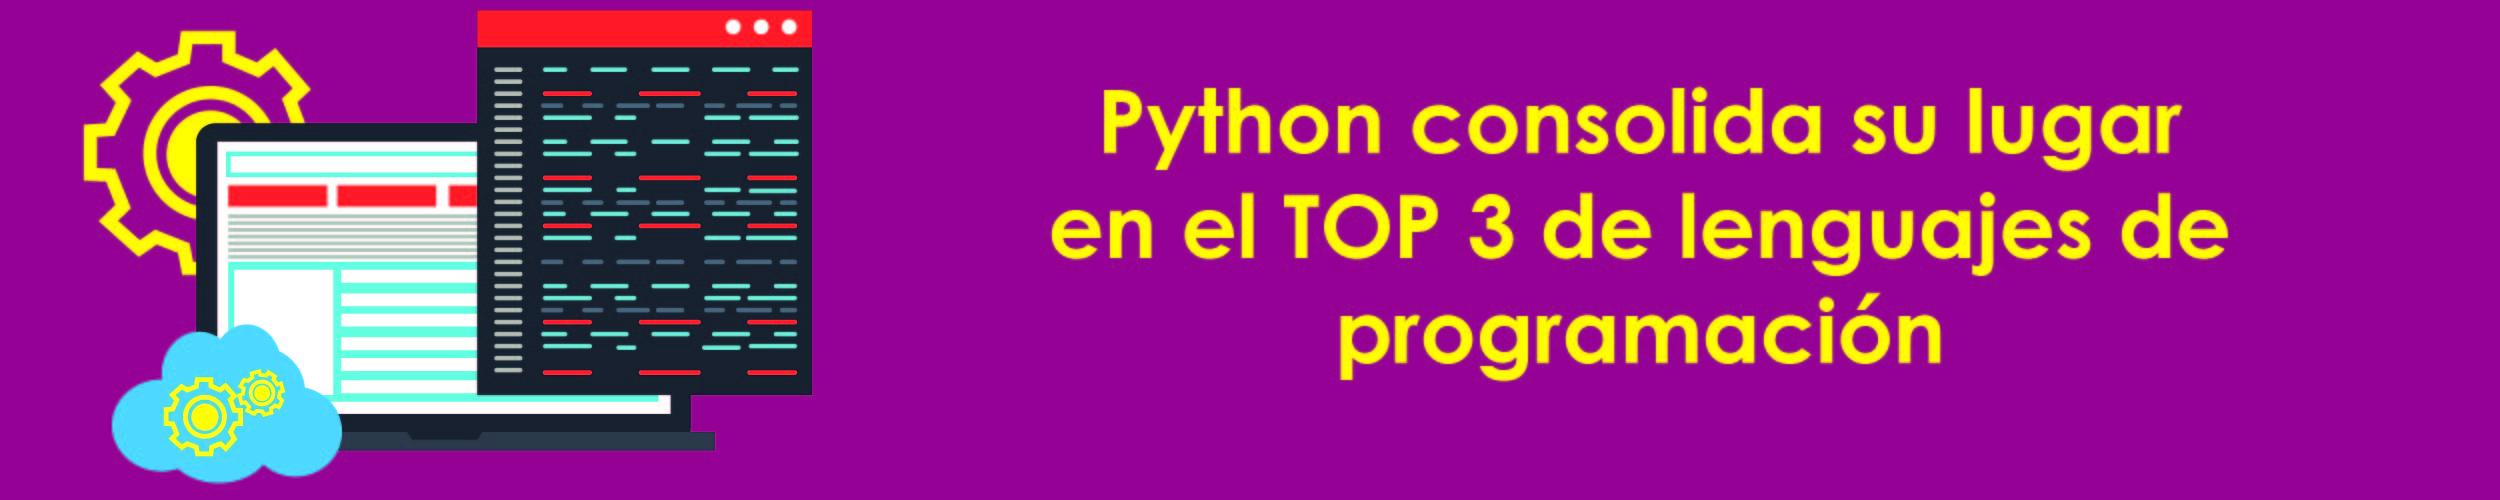 Python consolida su lugar en el top 3 de lenguajes de programación